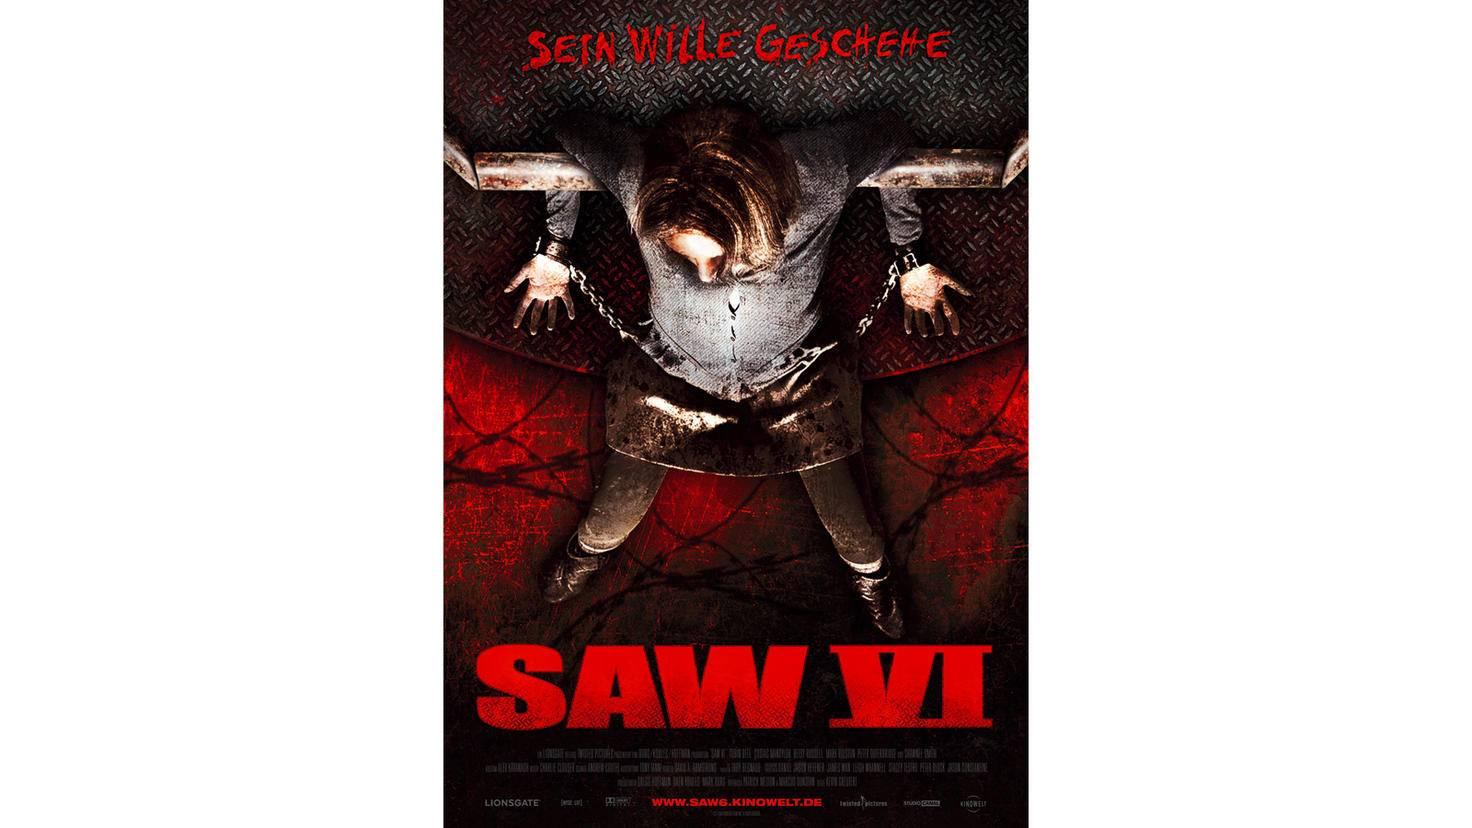 Plakat zum sechsten Saw-Teil.